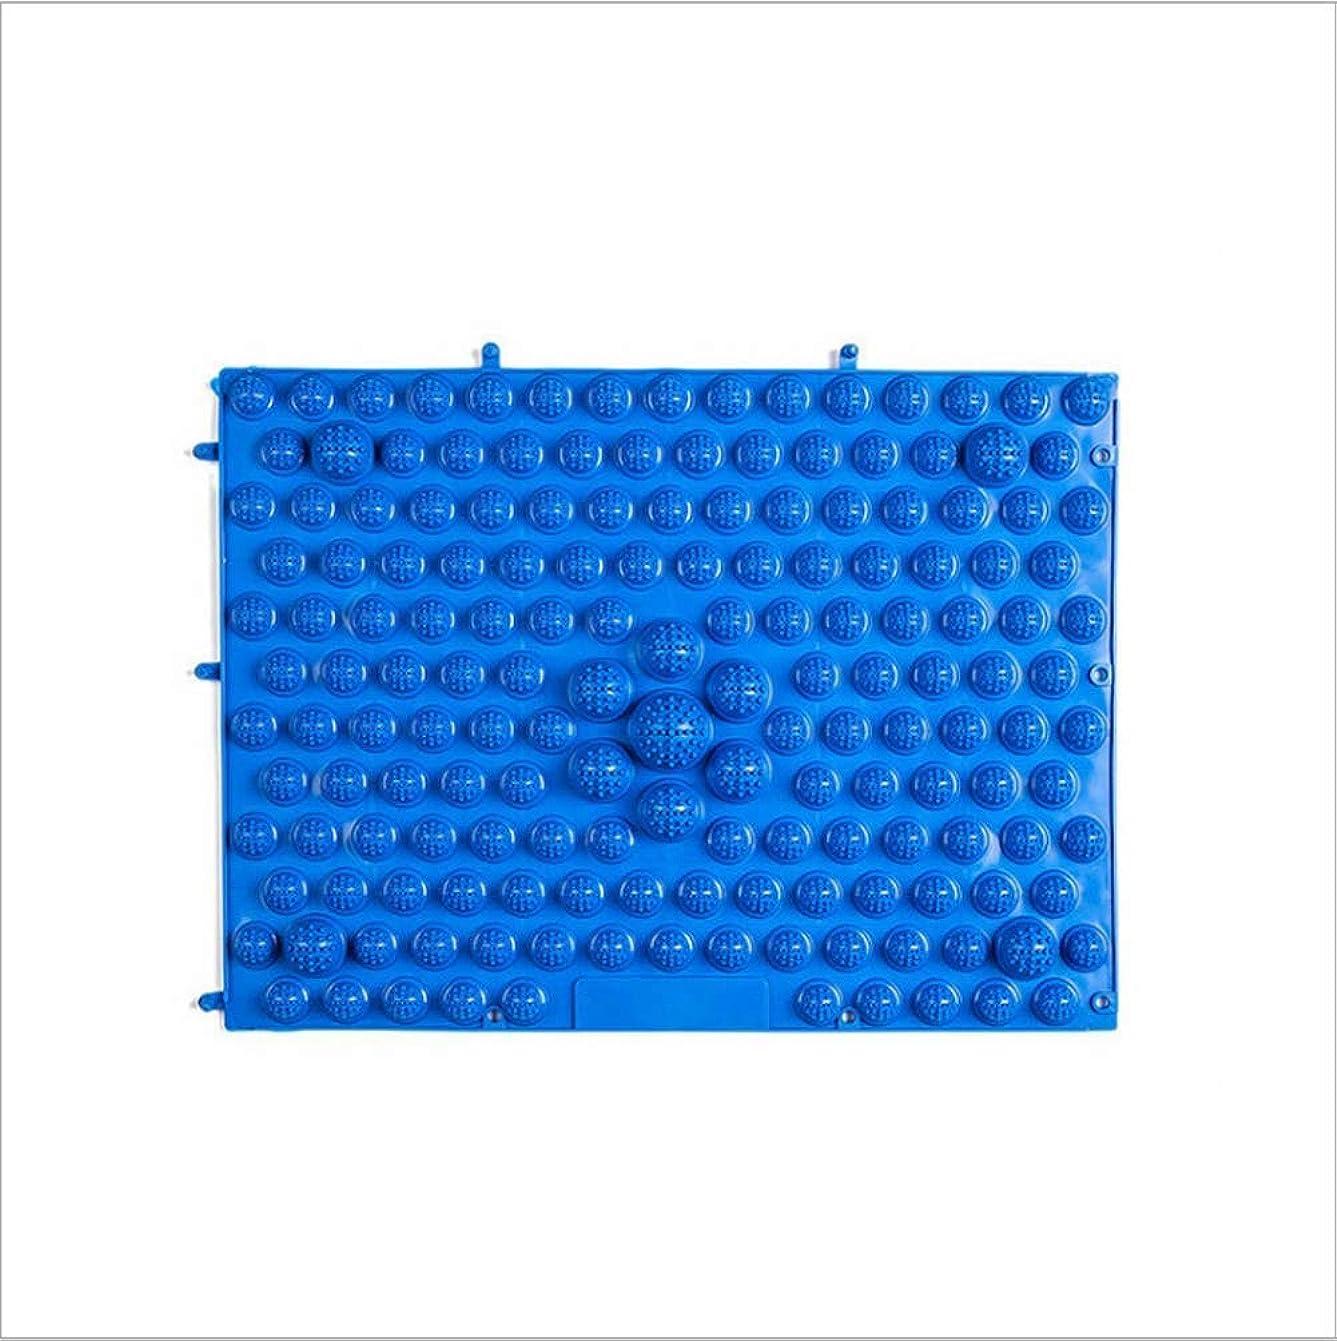 何もない葉巻道ウォークマット 裏板セット(ABS樹脂製補強板付き)(ブルー)